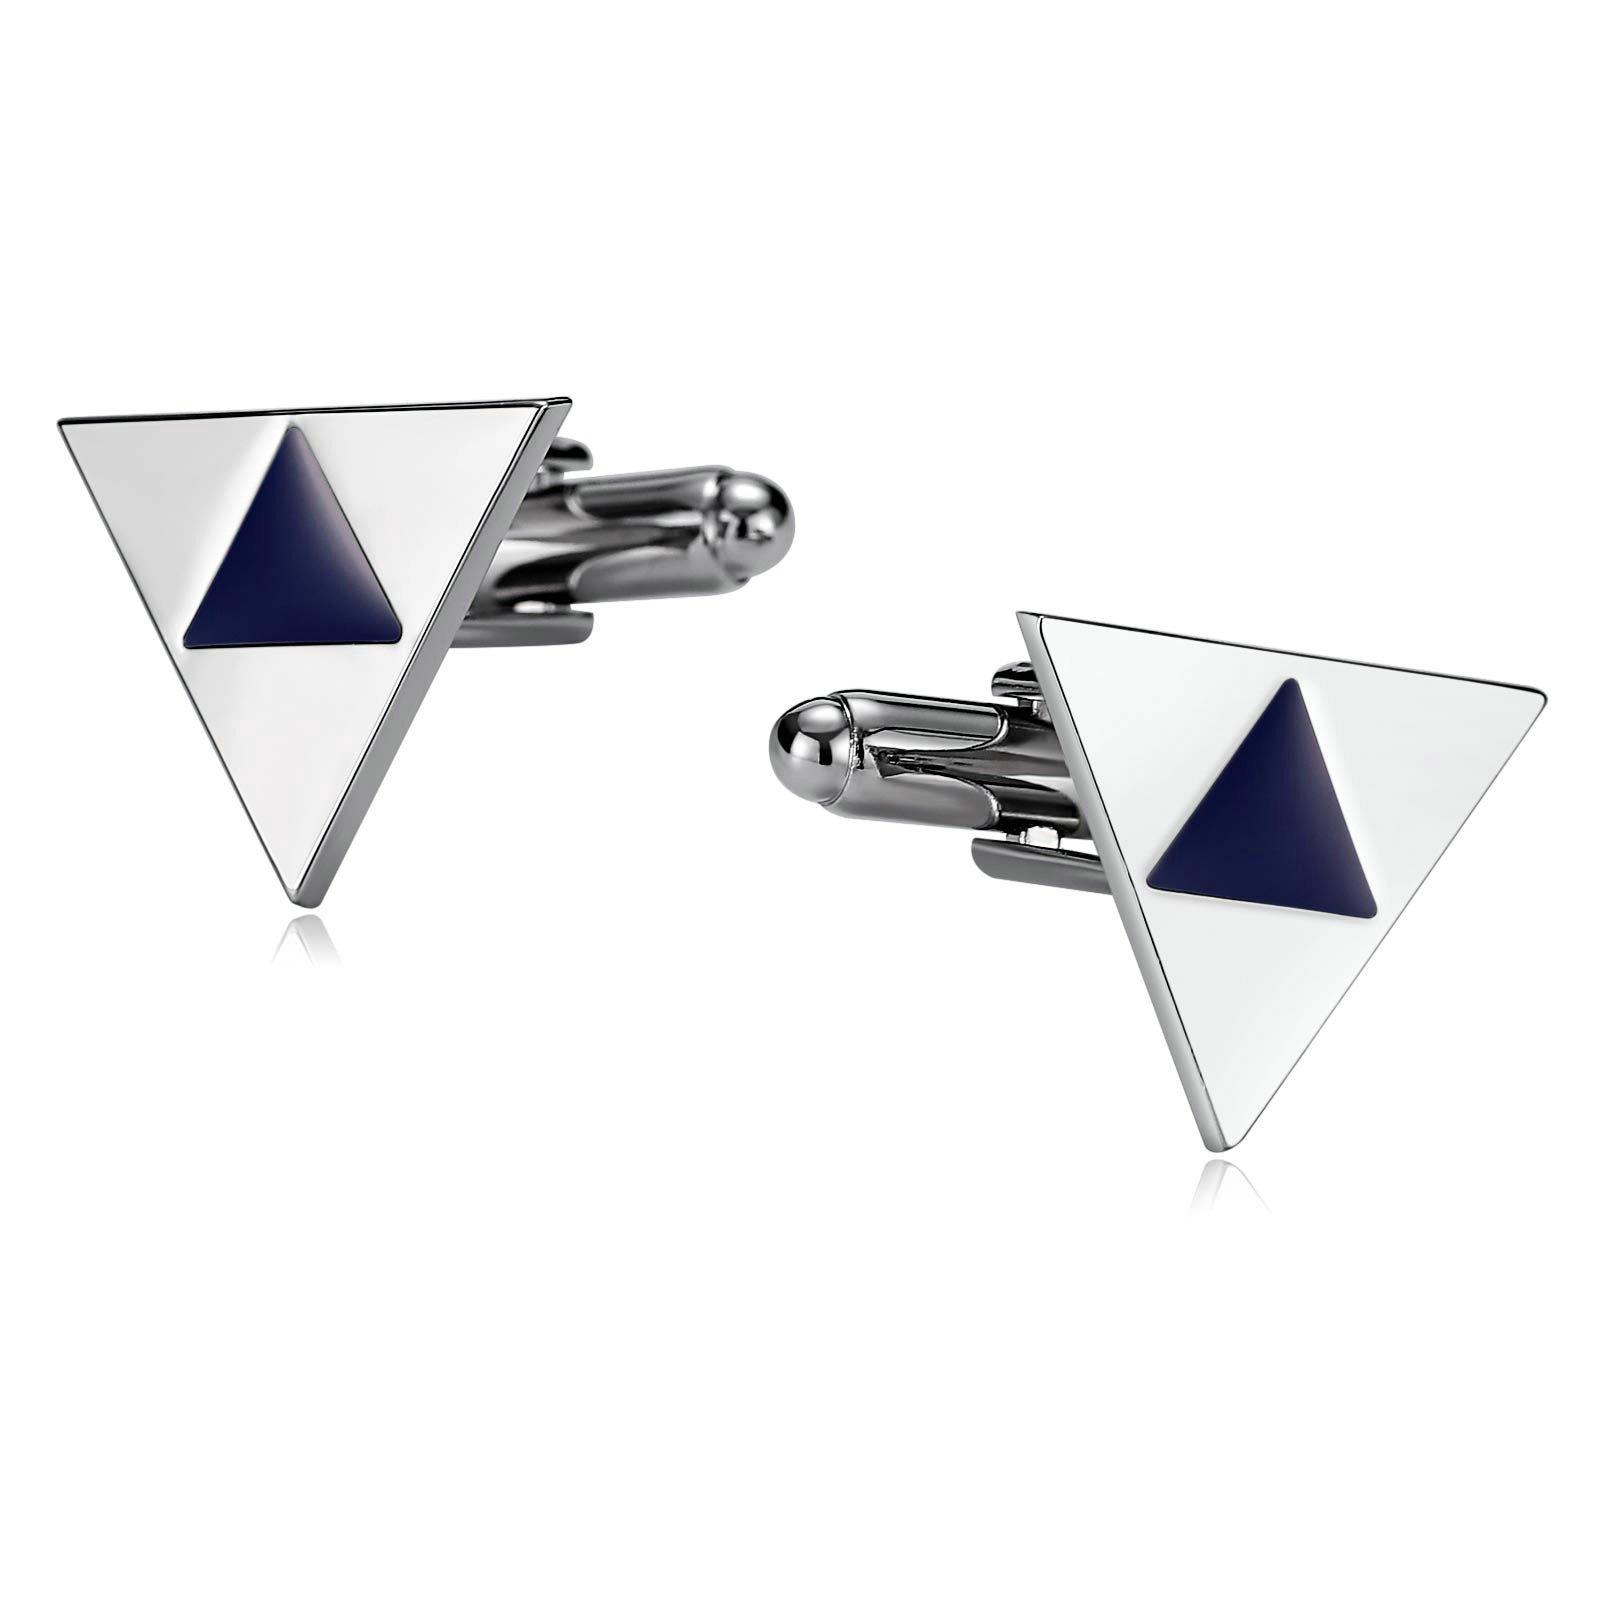 Gnzoe Cufflink Wedding-Men's Stainless Steel Triangle Enamel Cuff Links Silver Blue